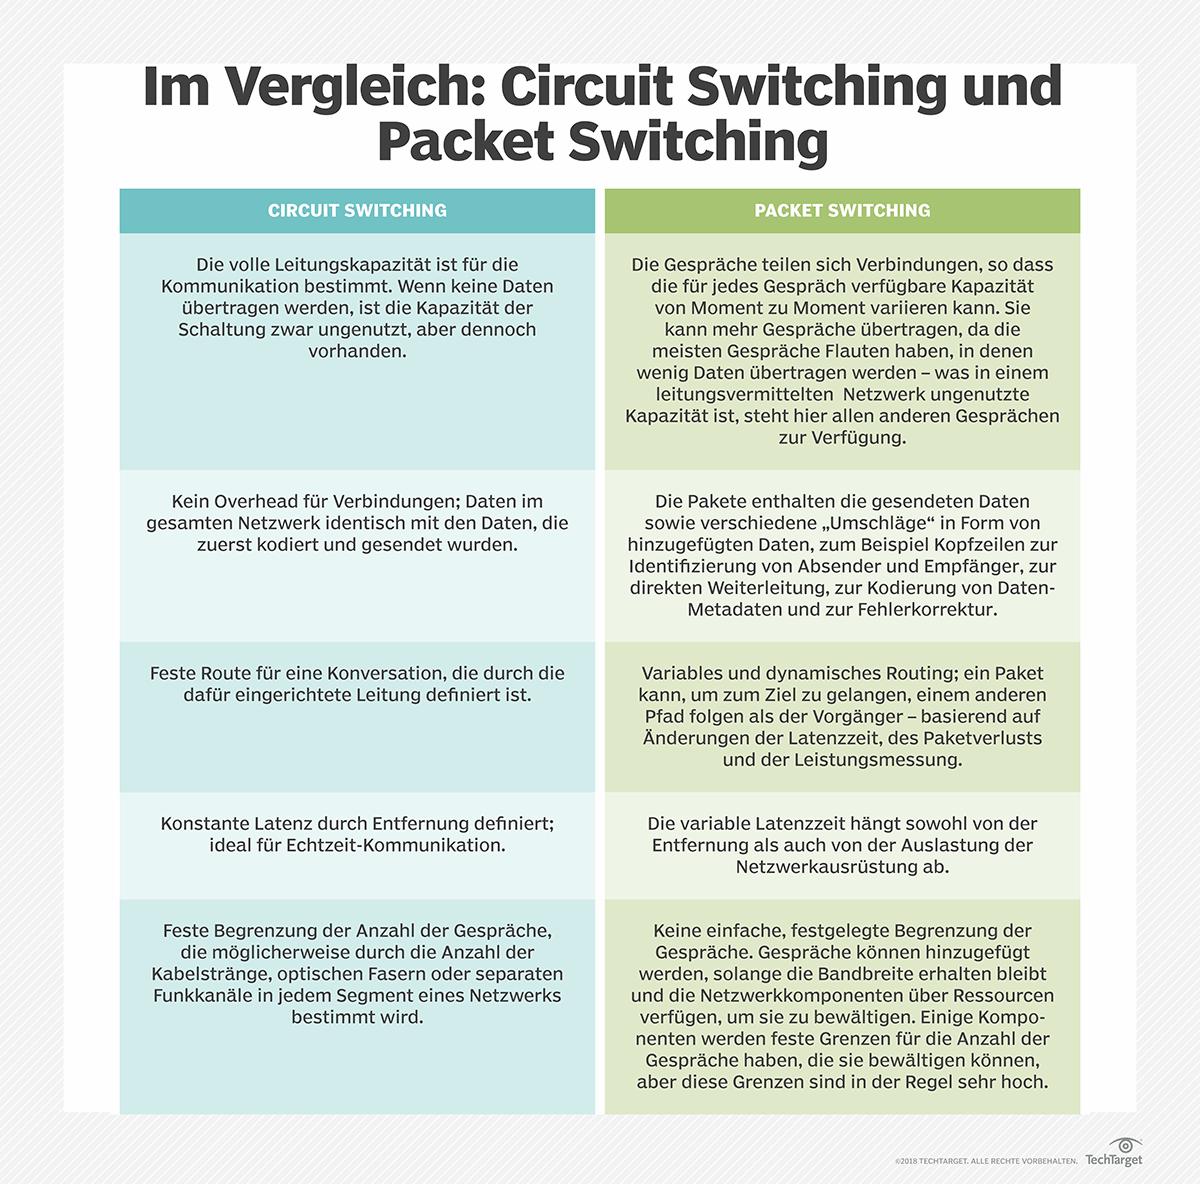 Paketvermittlung (Packet Switching) und Leitungsvermittlung (Circuit Switching) im Vergleich.